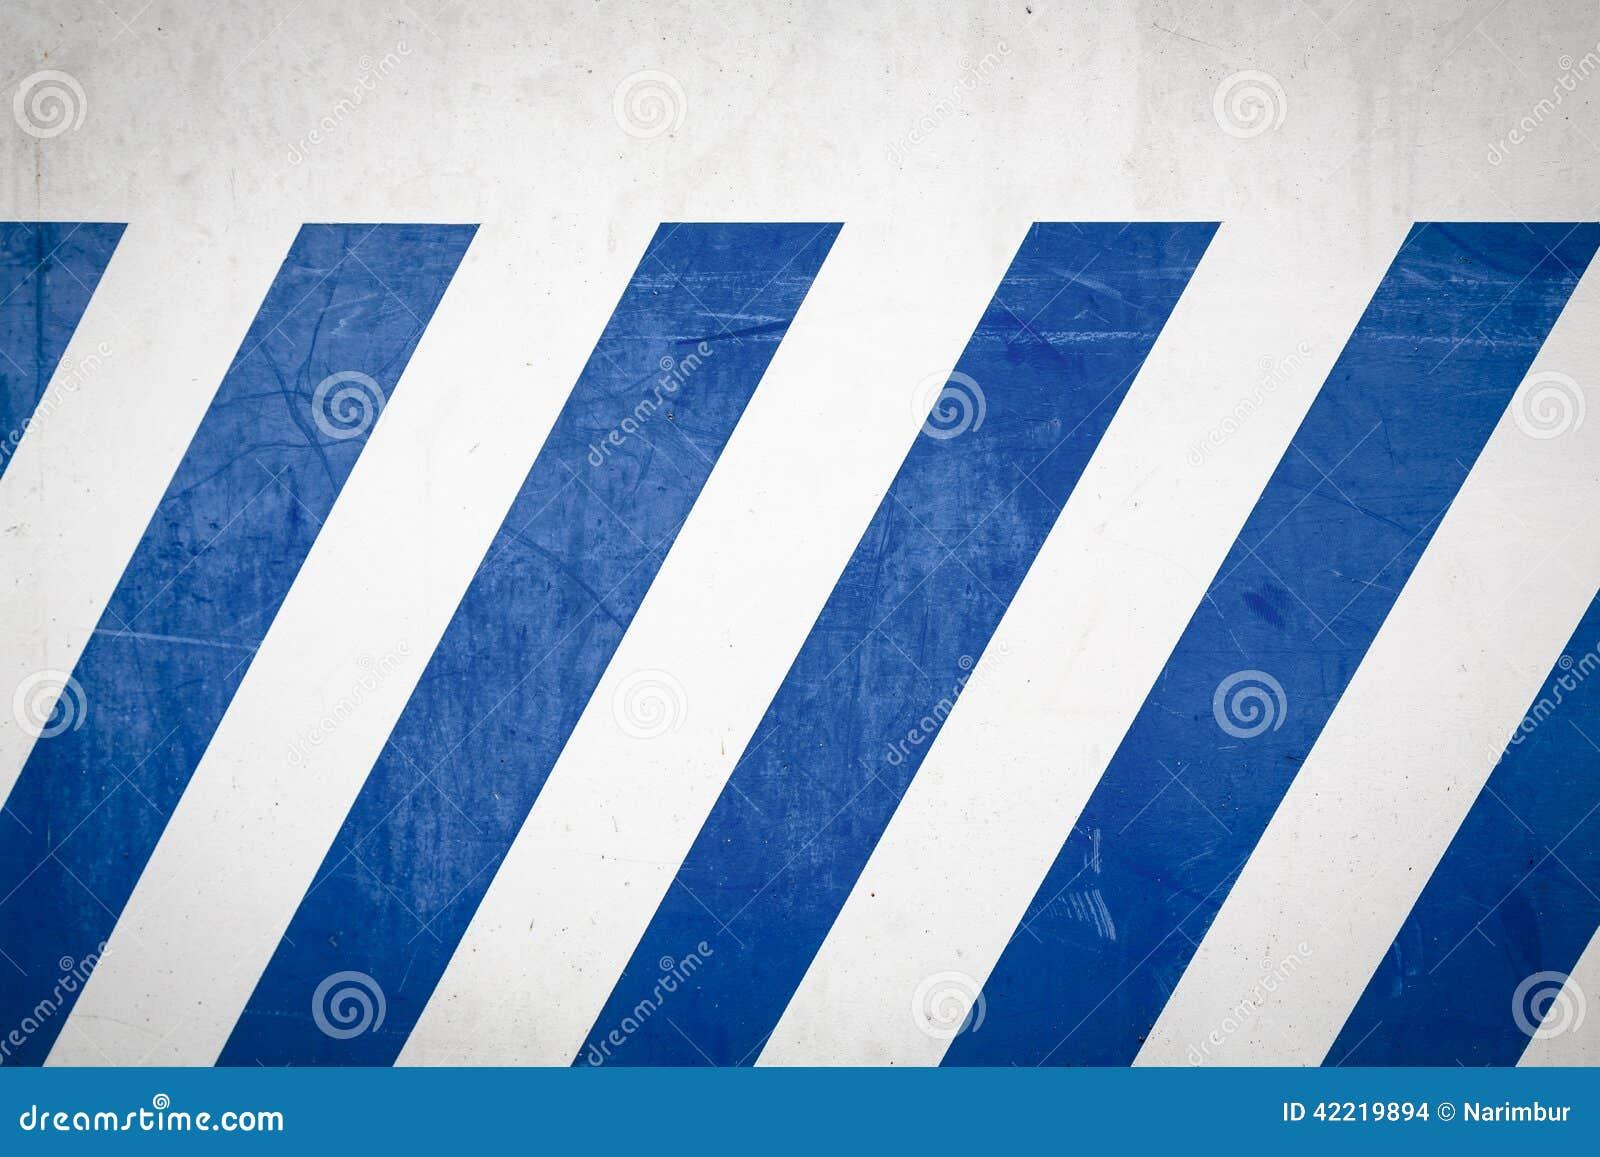 在墙壁上的蓝色对角条纹